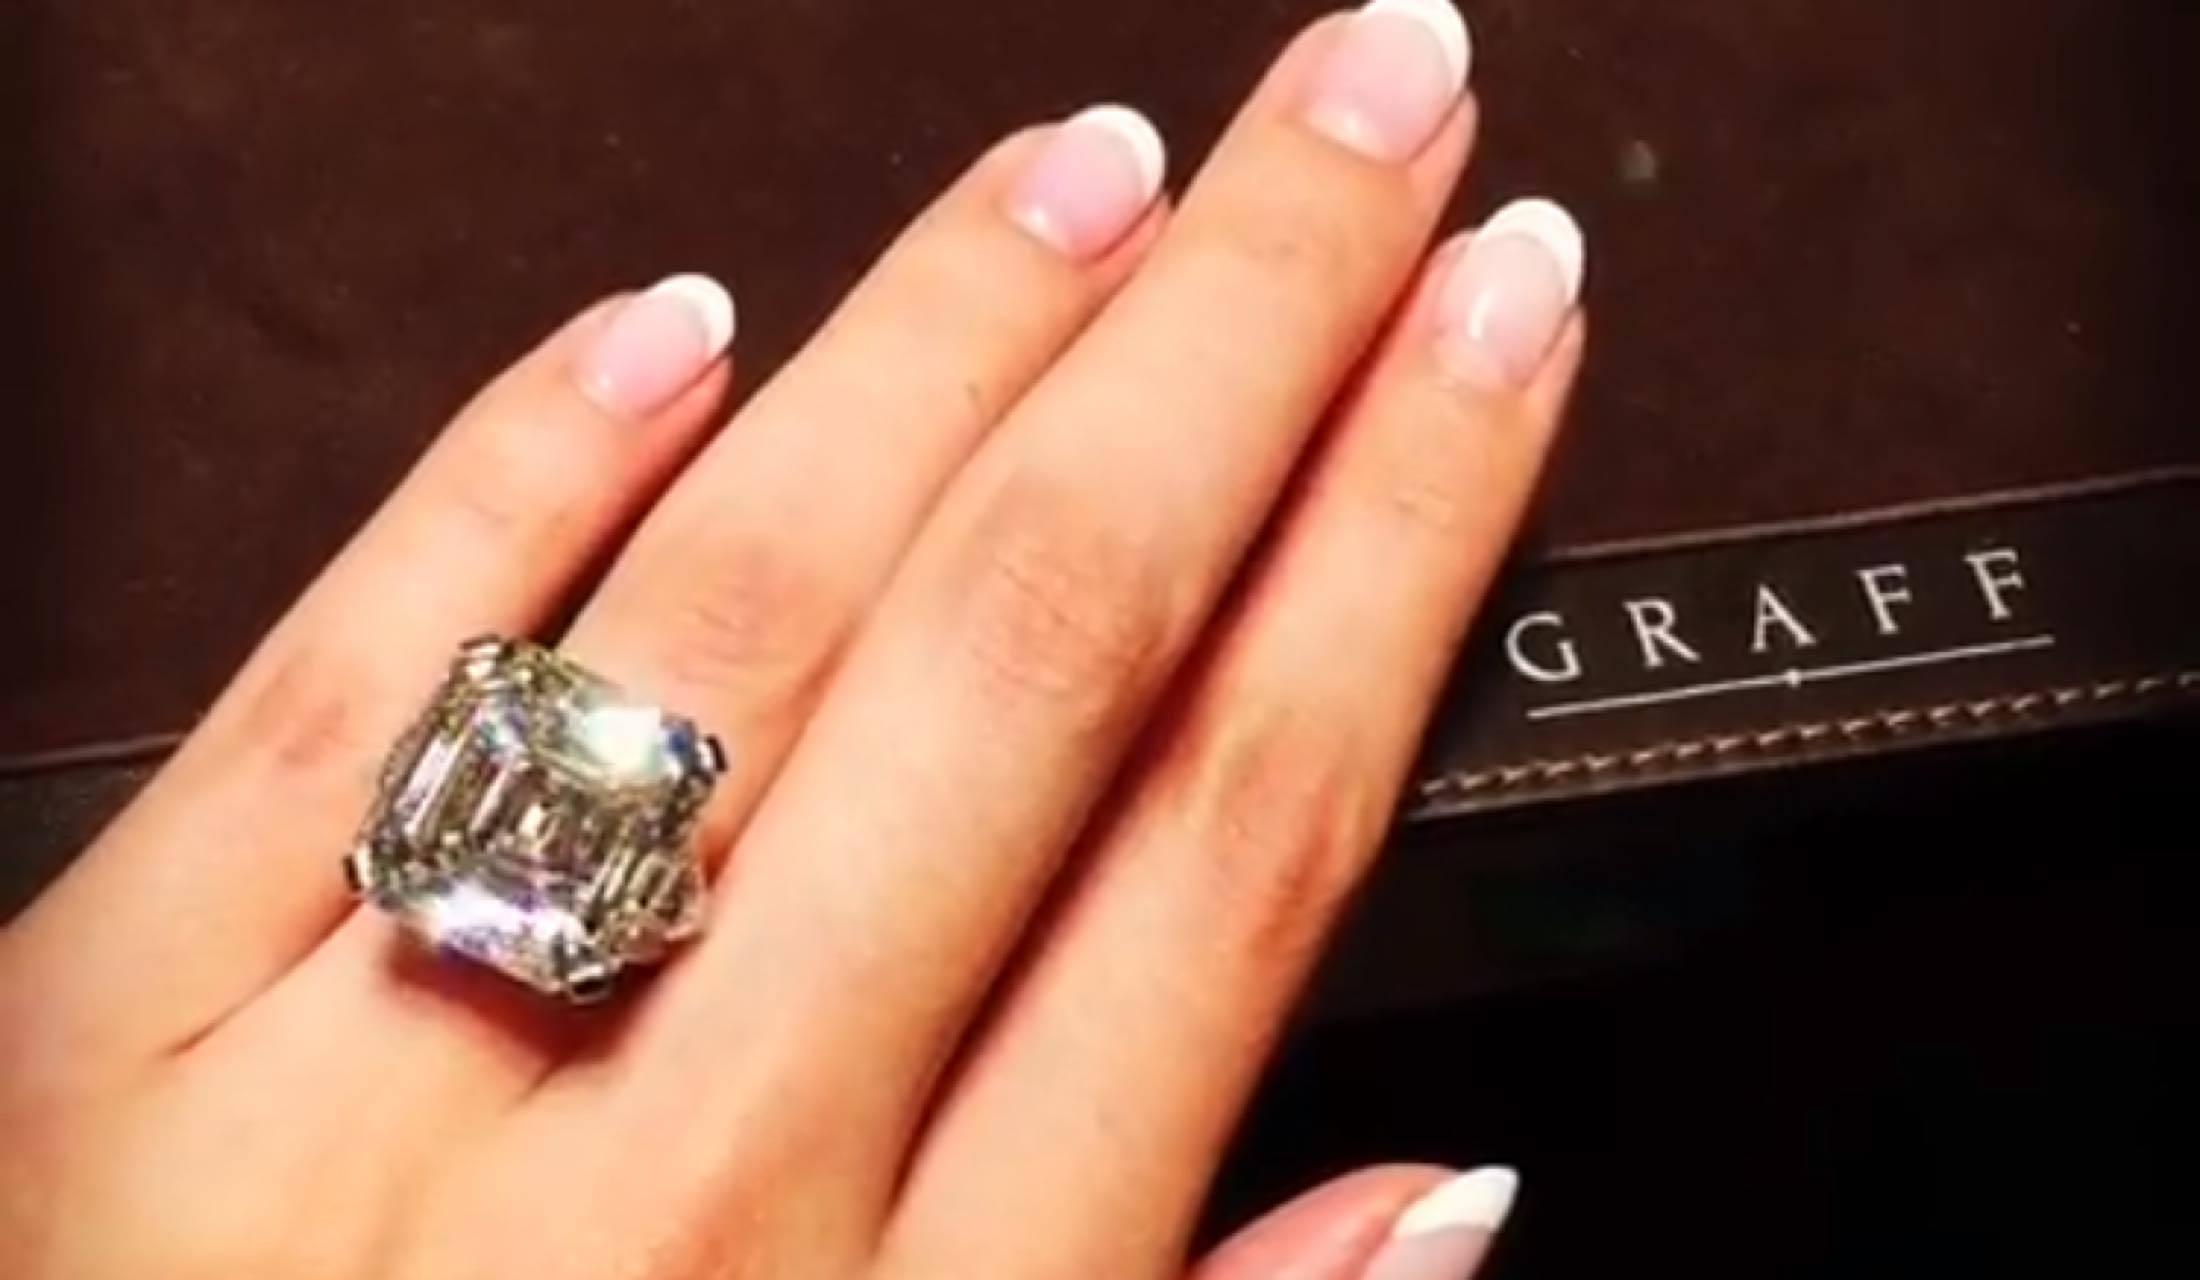 グラフの大粒ダイヤモンドの指輪を付けた女性の手